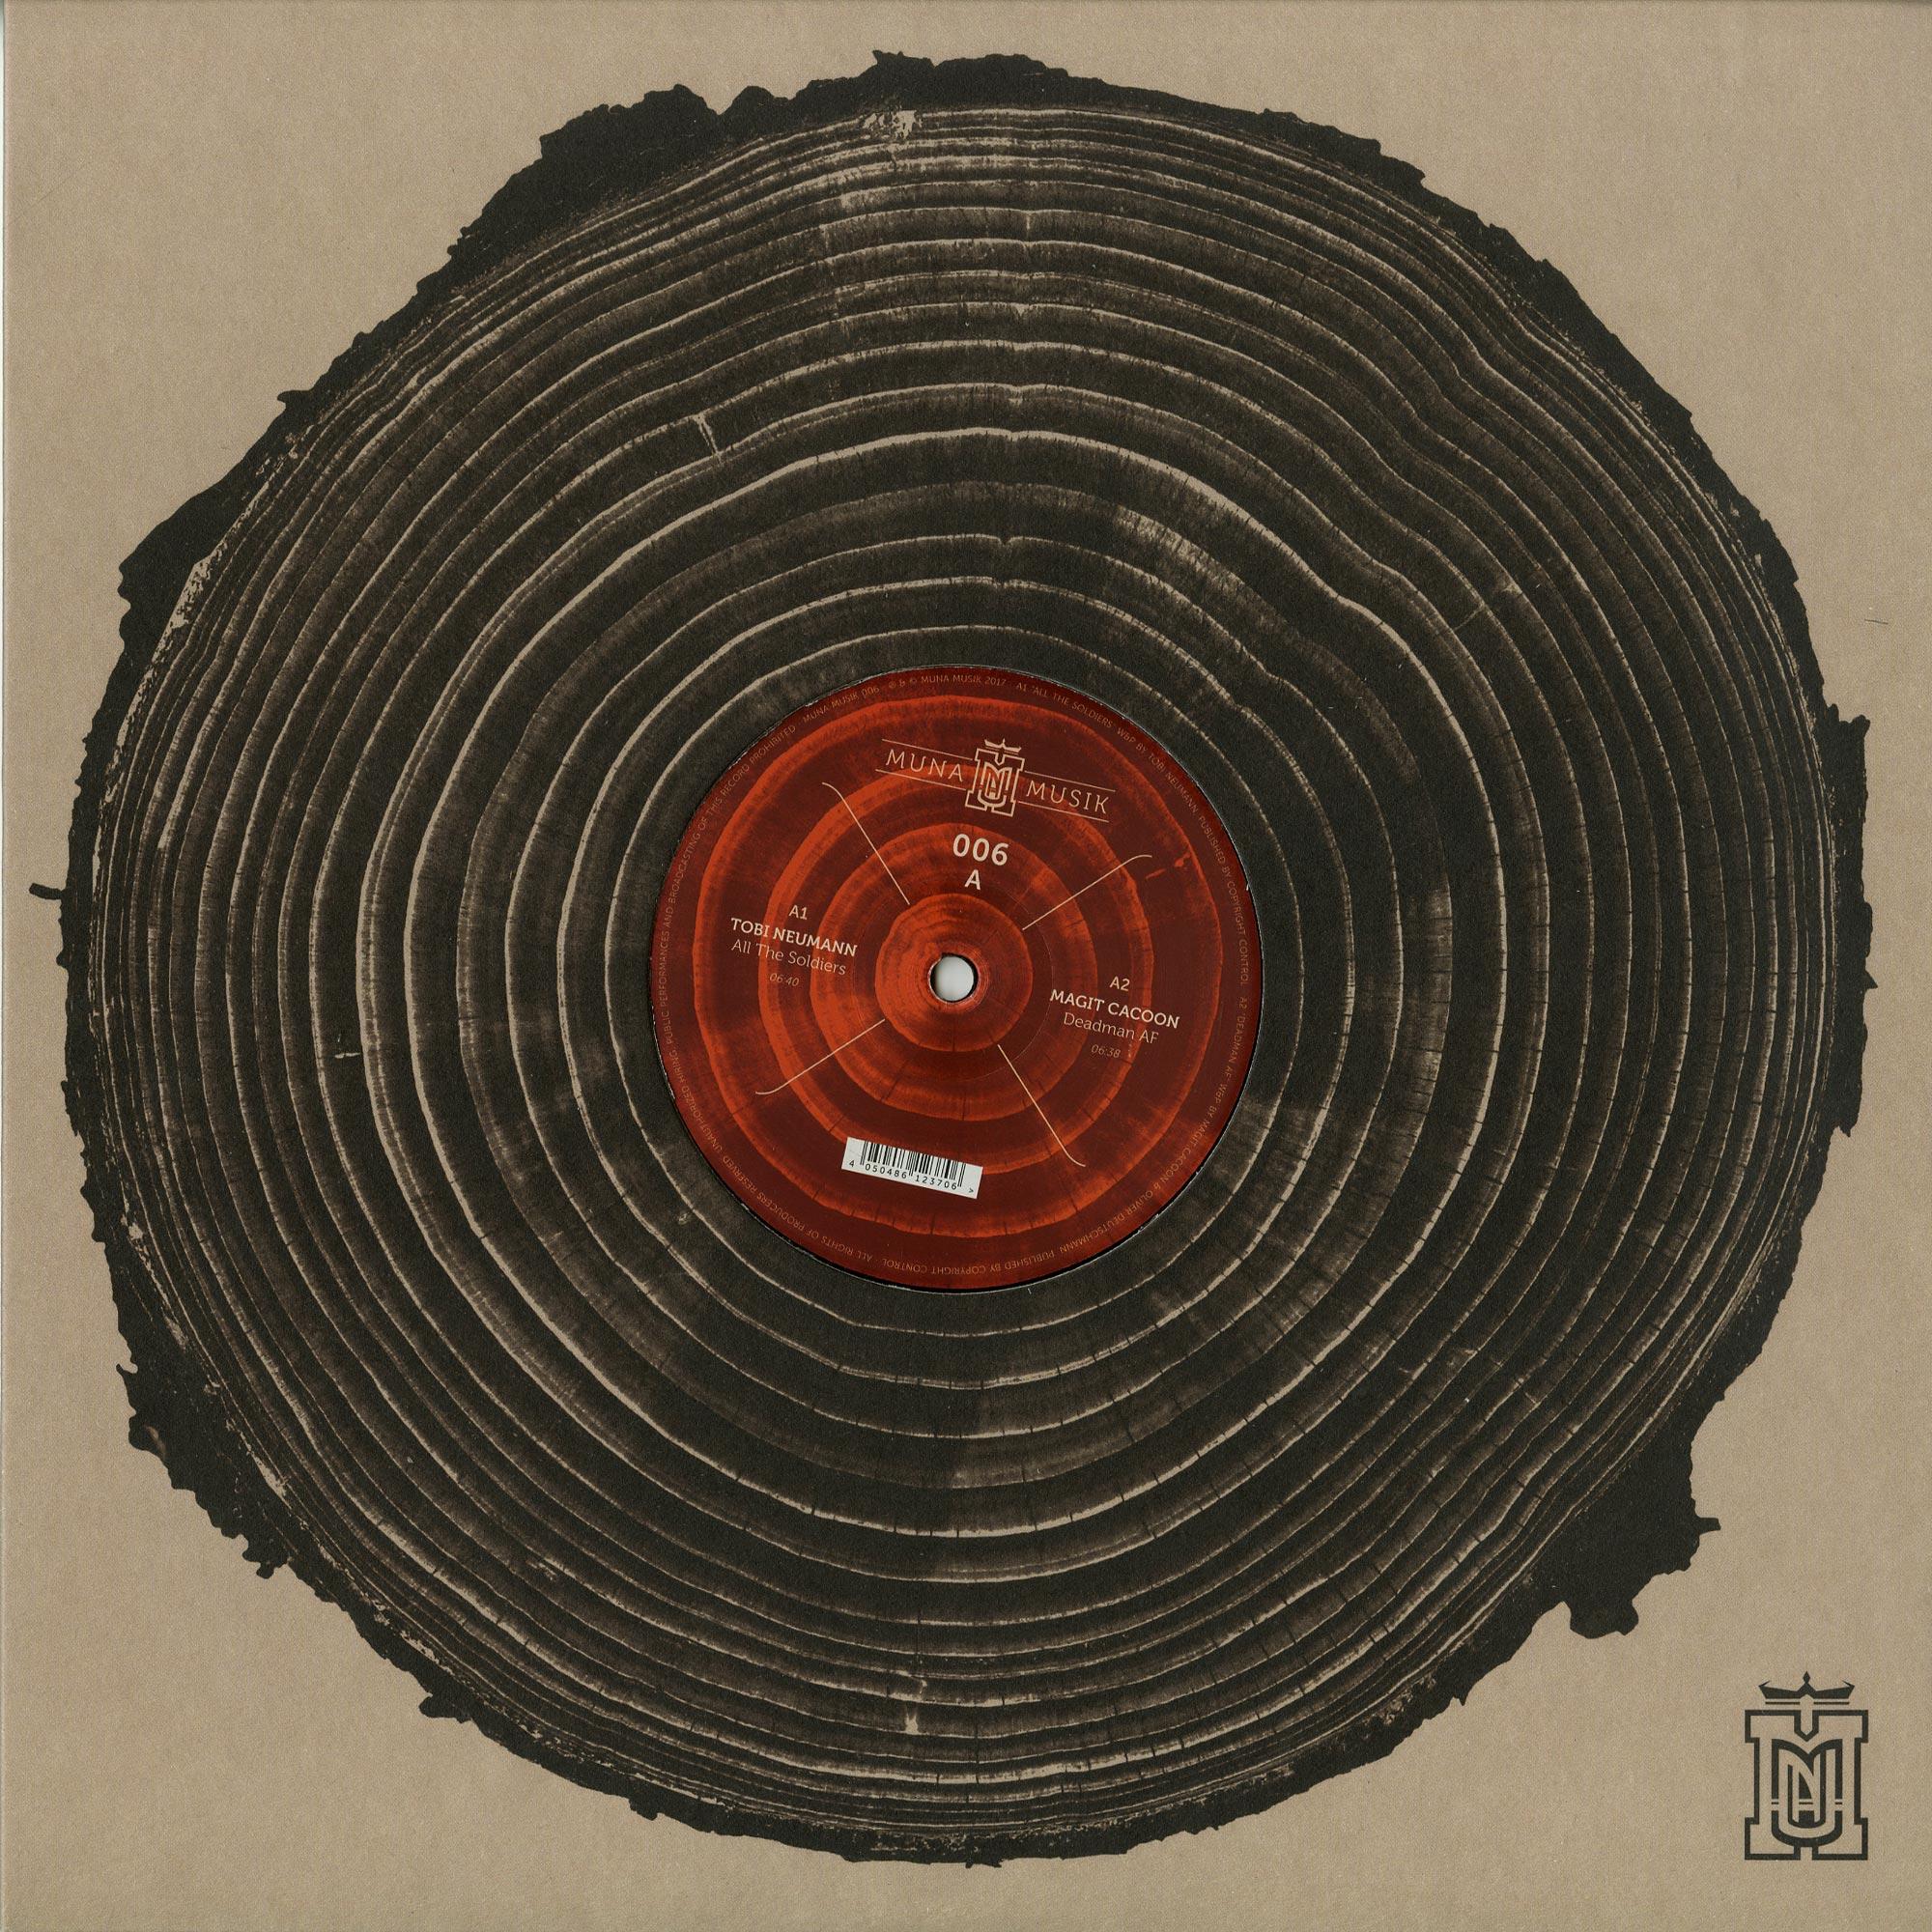 Tobi Neumann / Magit Cacoon / Steve Bug / Jacob Korn - MUNA MUSIK 006